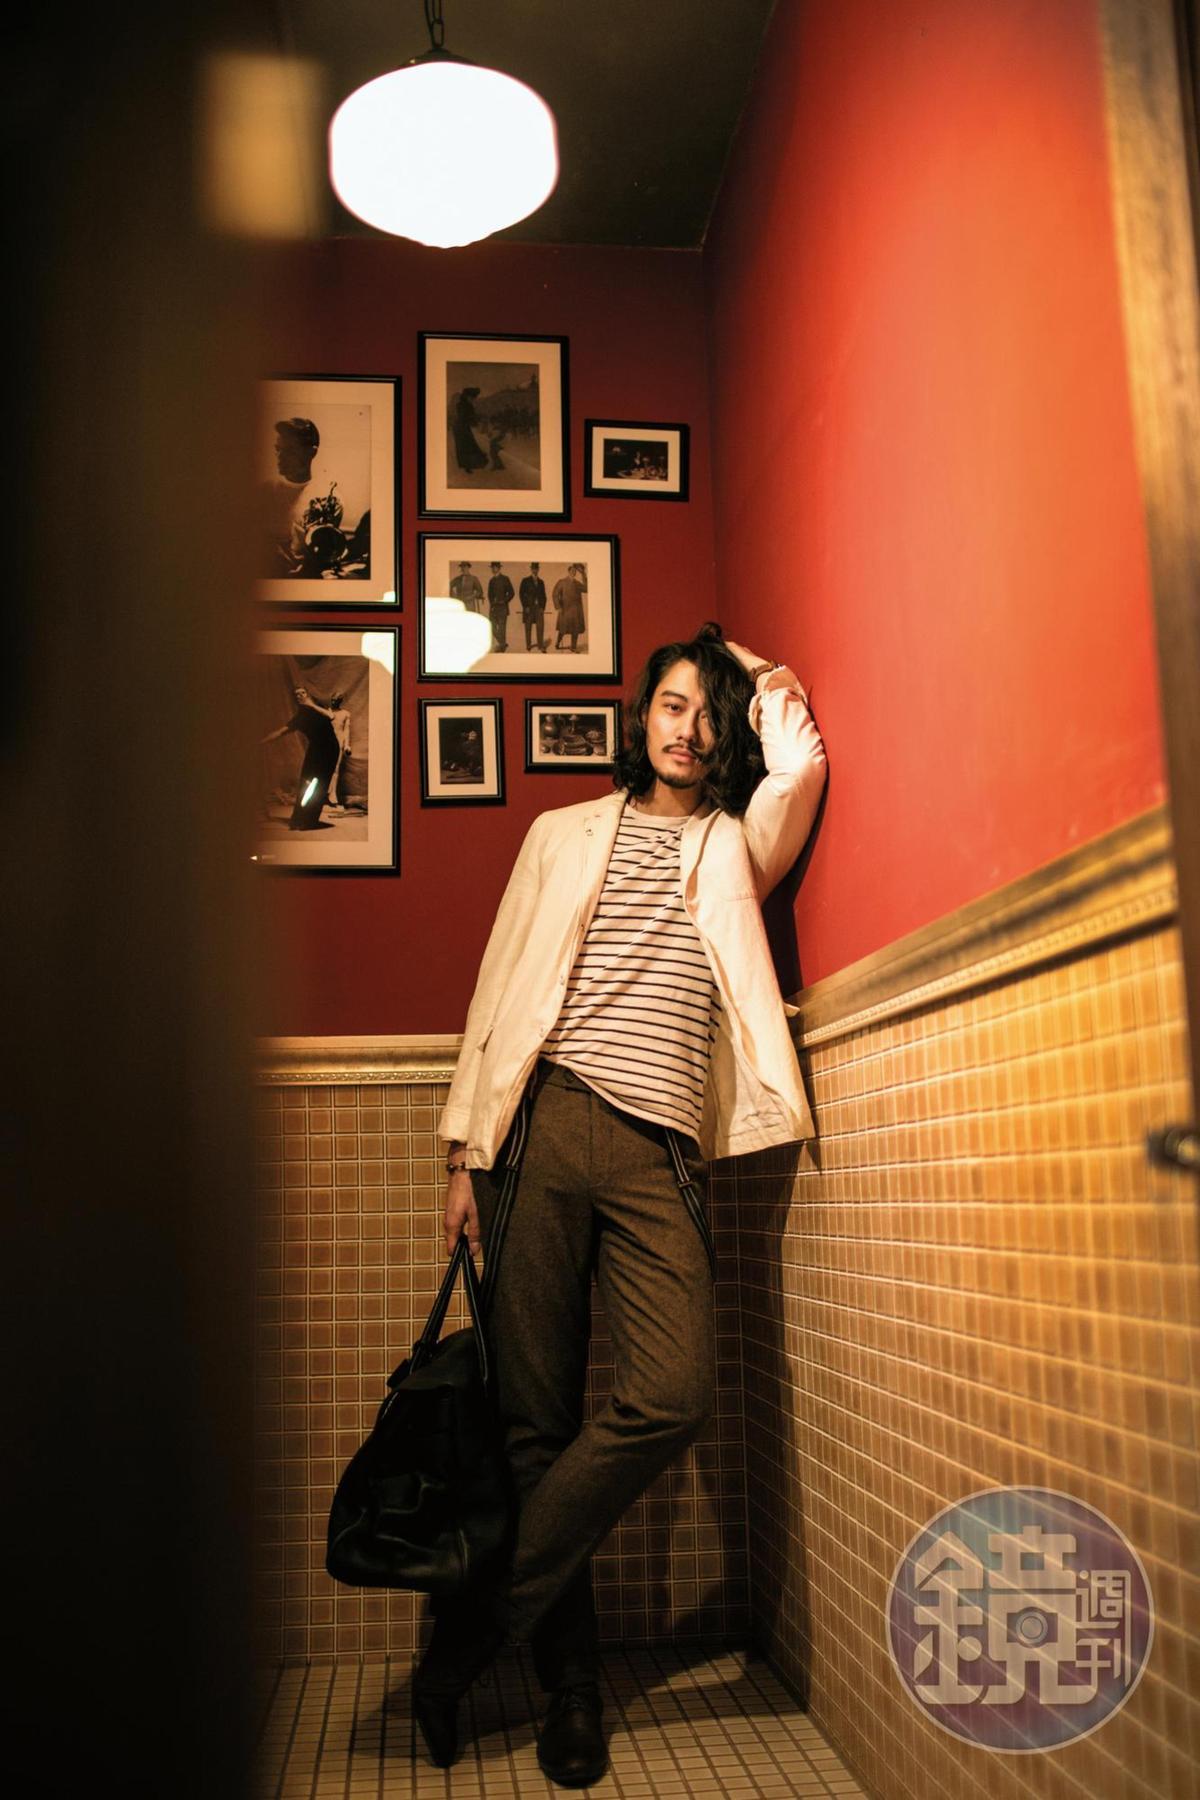 AUBIN & WILLS條紋上衣,滿額贈品;超過10年歷史的ALLSAINTS休閒西裝外套,約NT$7,500;上海布市訂做的羊毛長褲,約NT$1,000;H by HUDSON咖啡色皮鞋,約NT$4,000;MULBERRY提袋,約NT$60,000。